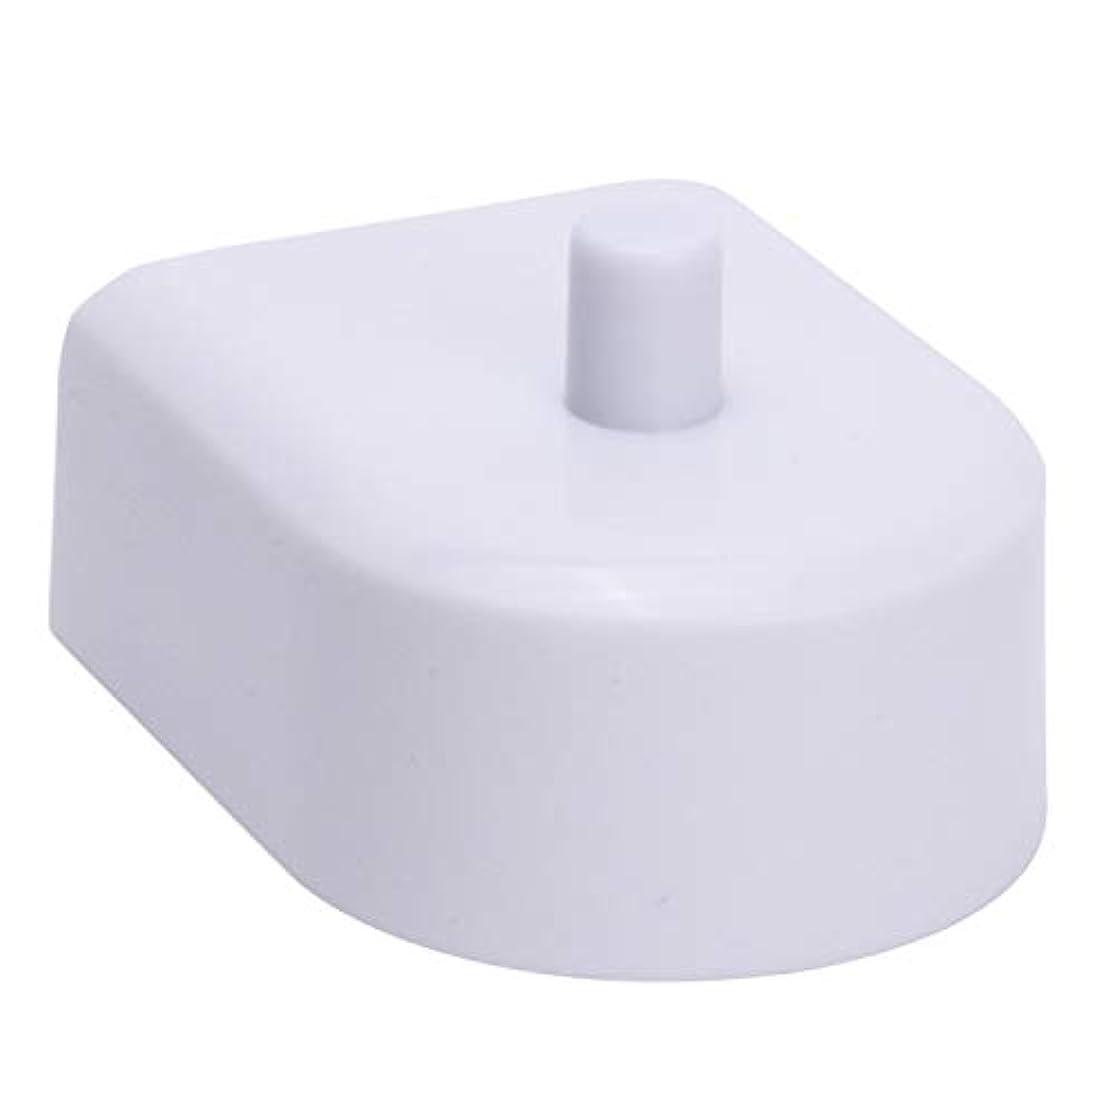 保証オーストラリア人前提Tamkyo 電動歯ブラシ充電器充電クレードル電動歯ブラシヘッドホルダーUSB充電器 OralB D12 D20 D17 D18 D29 D34 Oc18用